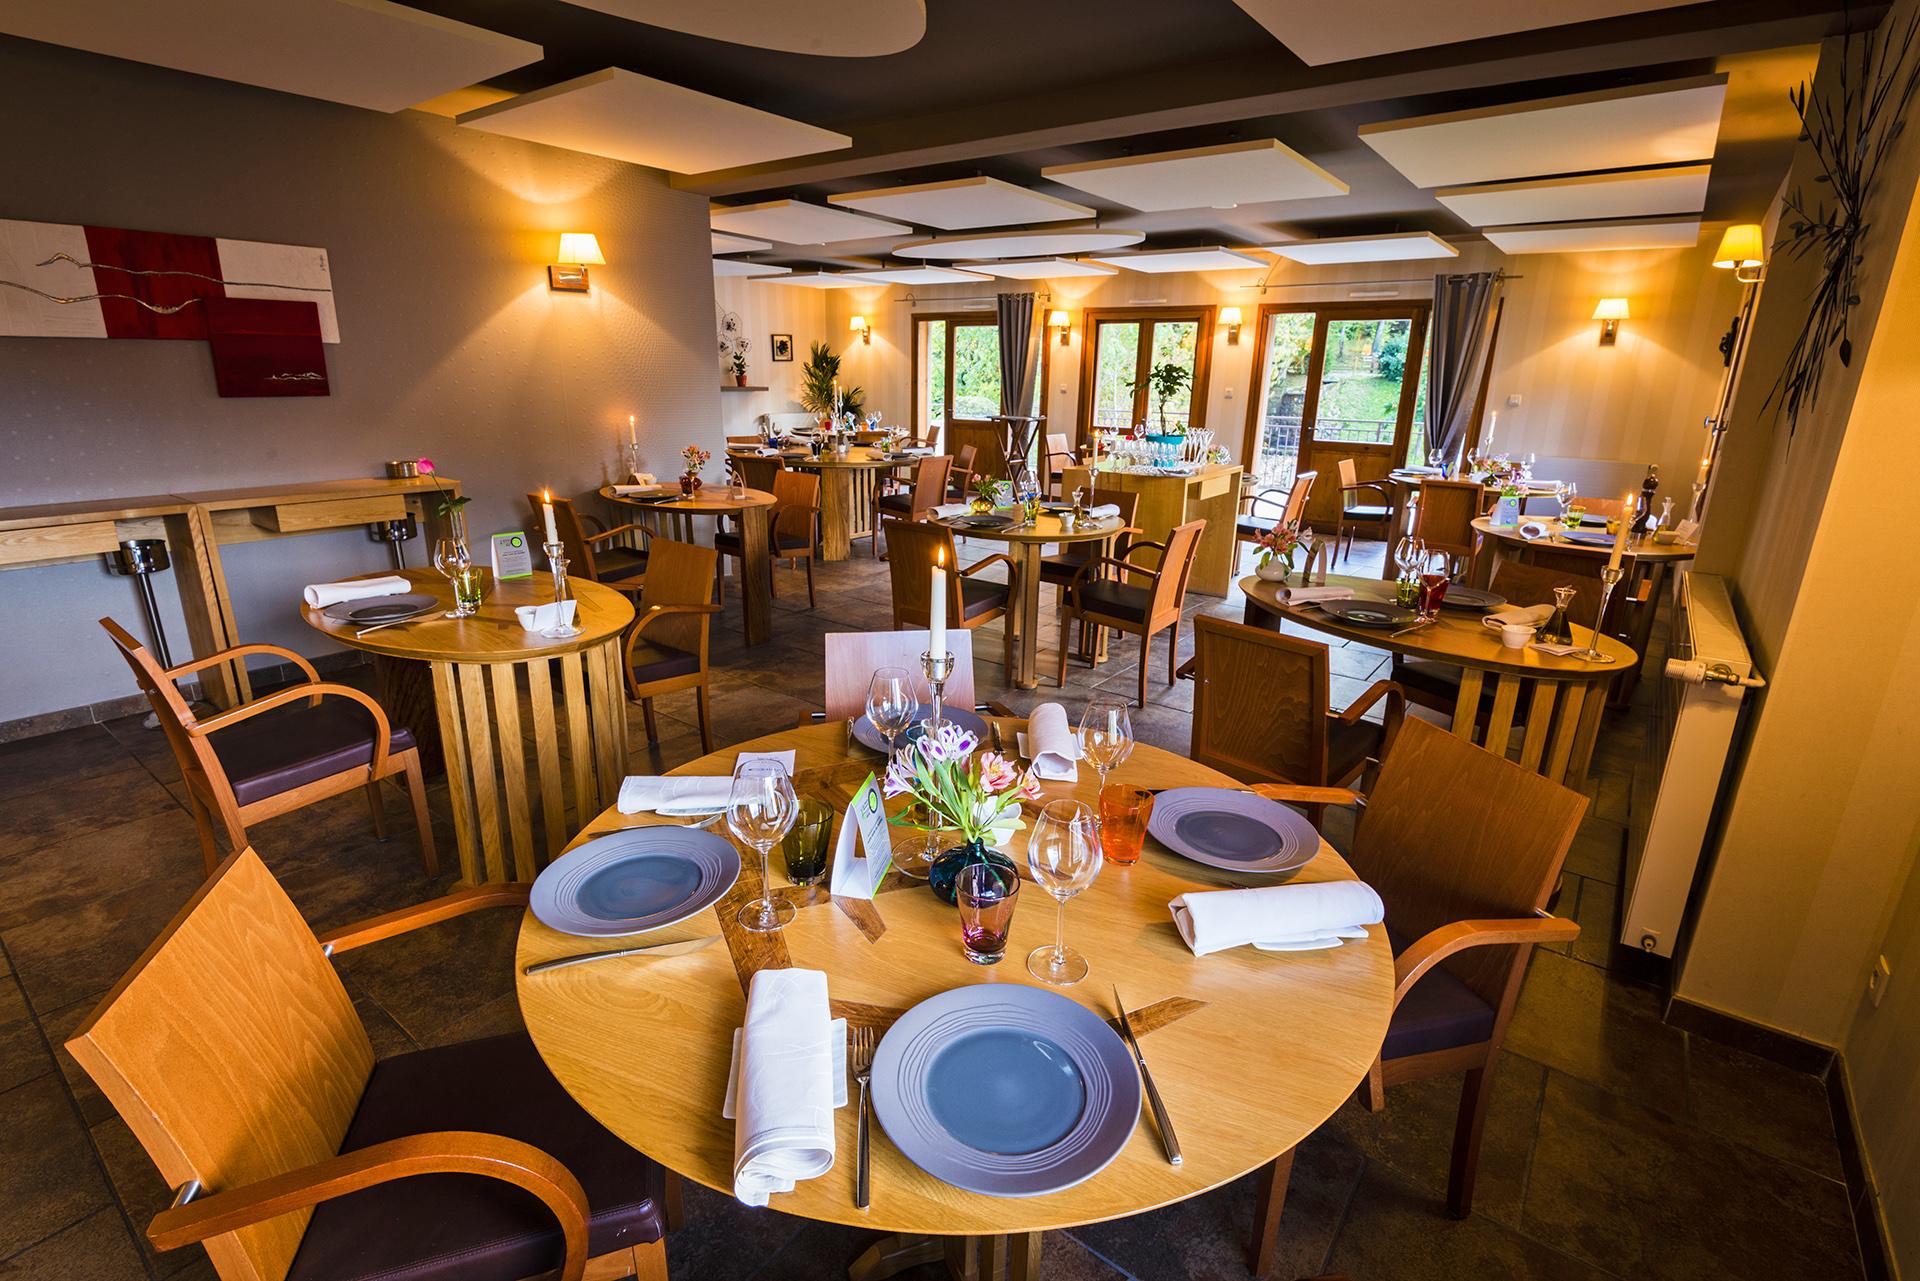 Le Chalet - Salle restaurant - Ax les Thermes - Ariège